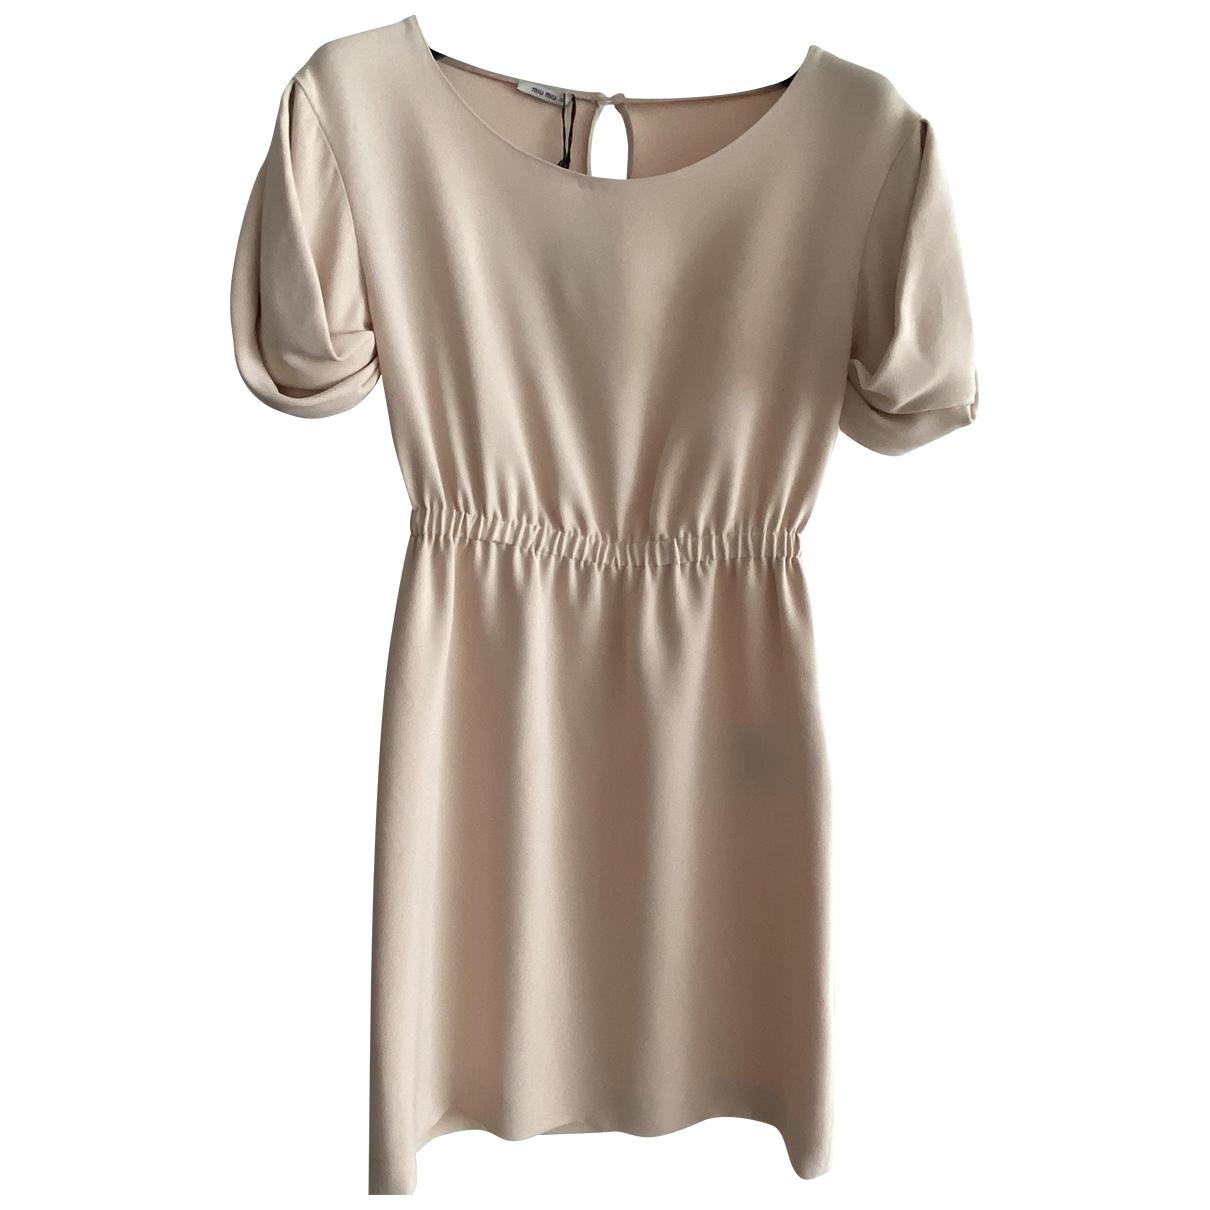 Miu Miu \N Pink dress for Women 36 IT